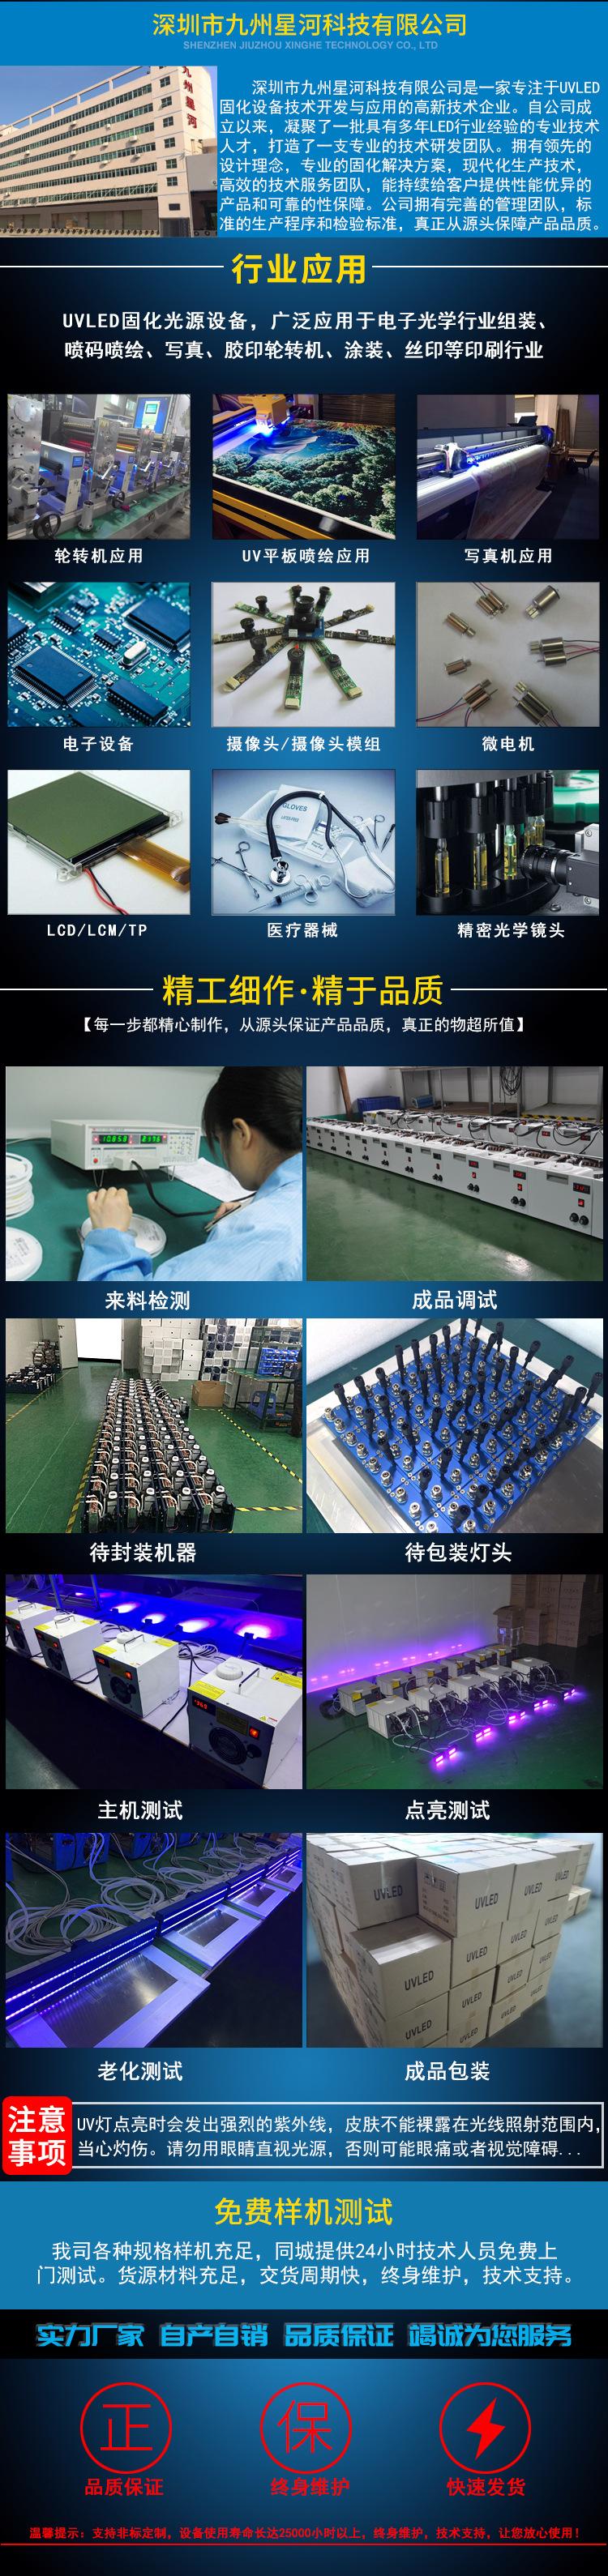 水冷式uvled光固机uv固化机喷绘打印固化光源紫外线冷光源定制